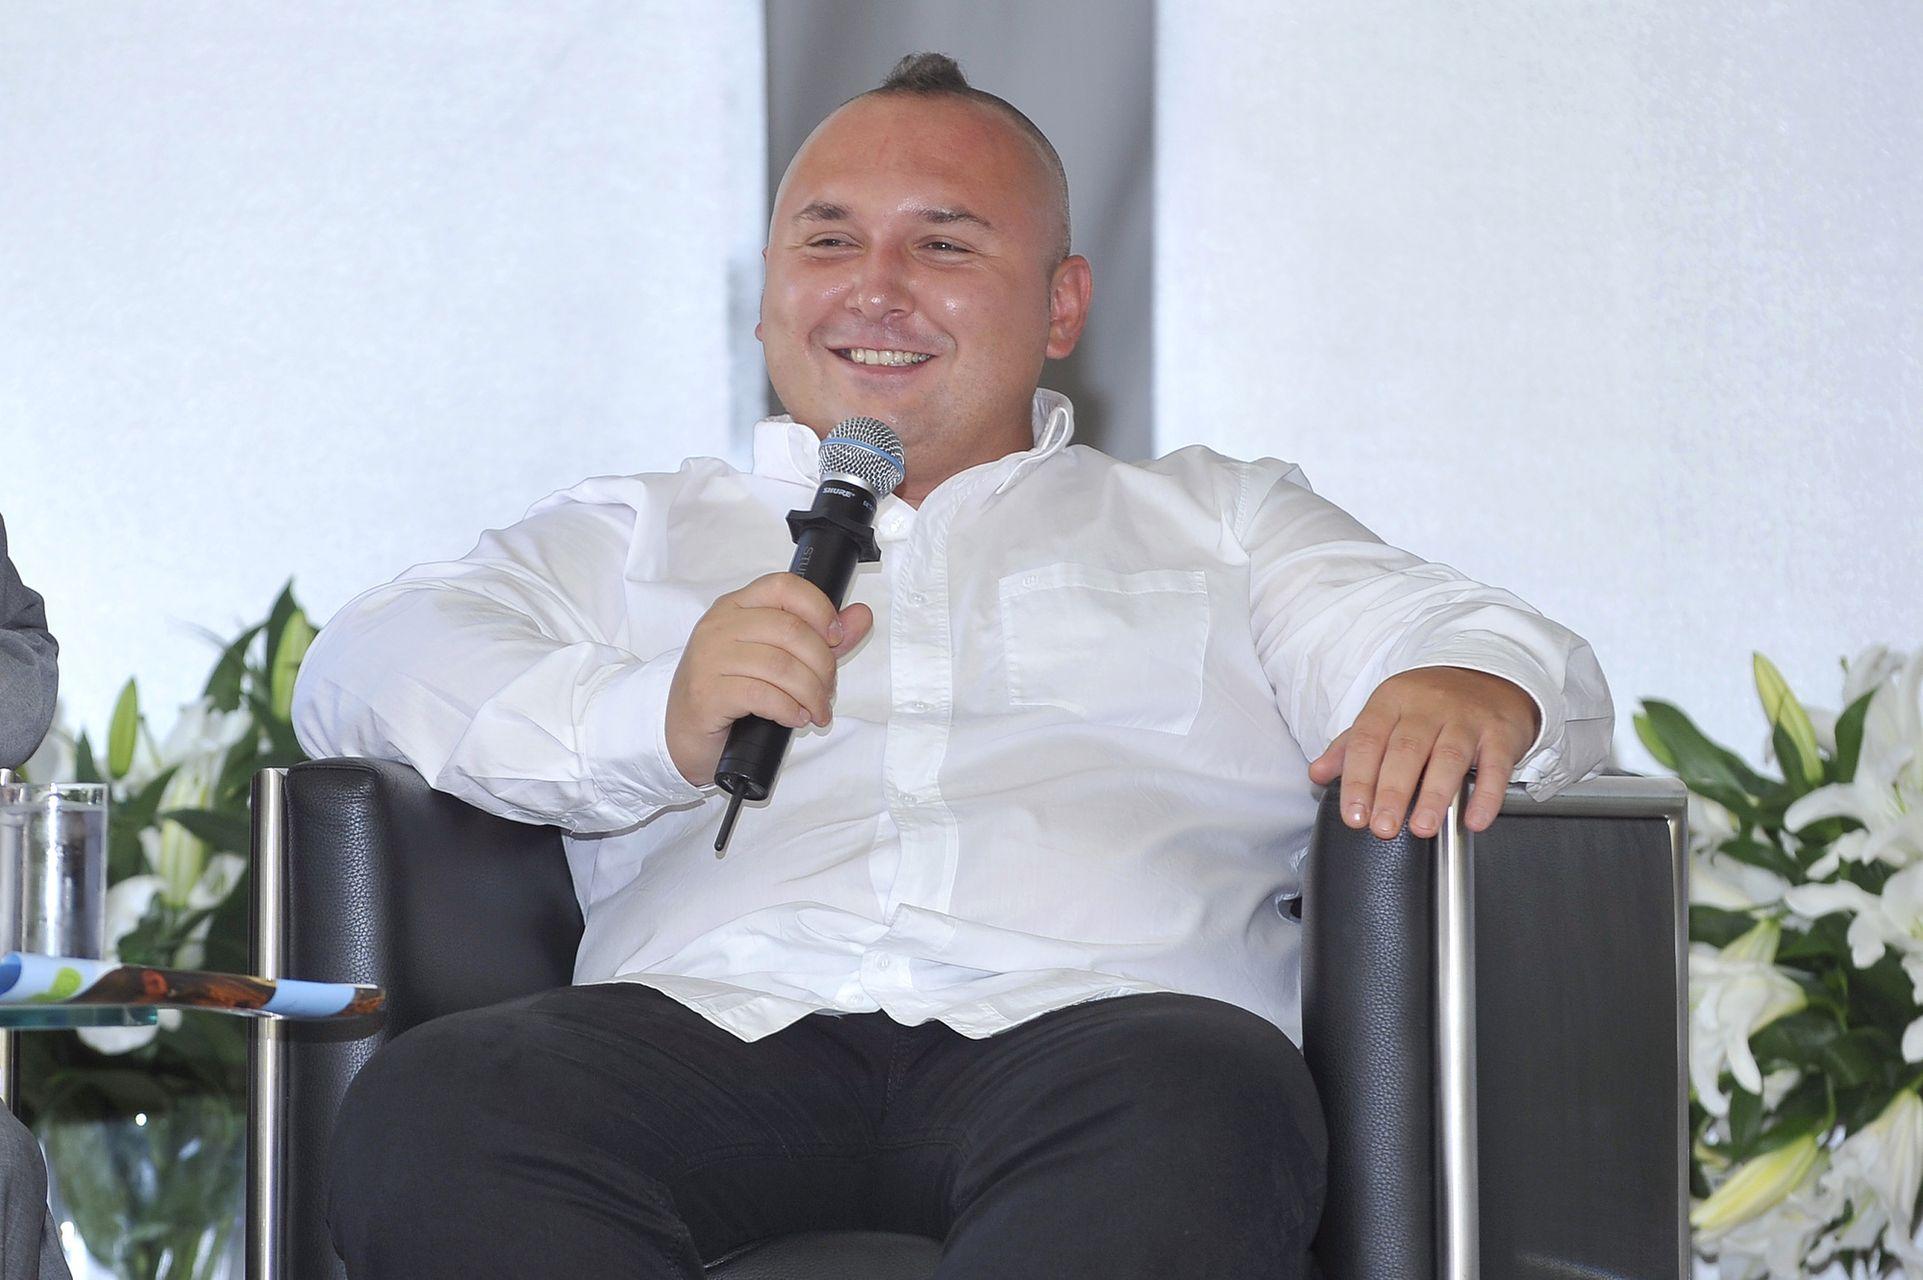 Patryk Vega zdradził, że schudł 40 kilo! 10 lat temu waga mu nie przeszkadzała